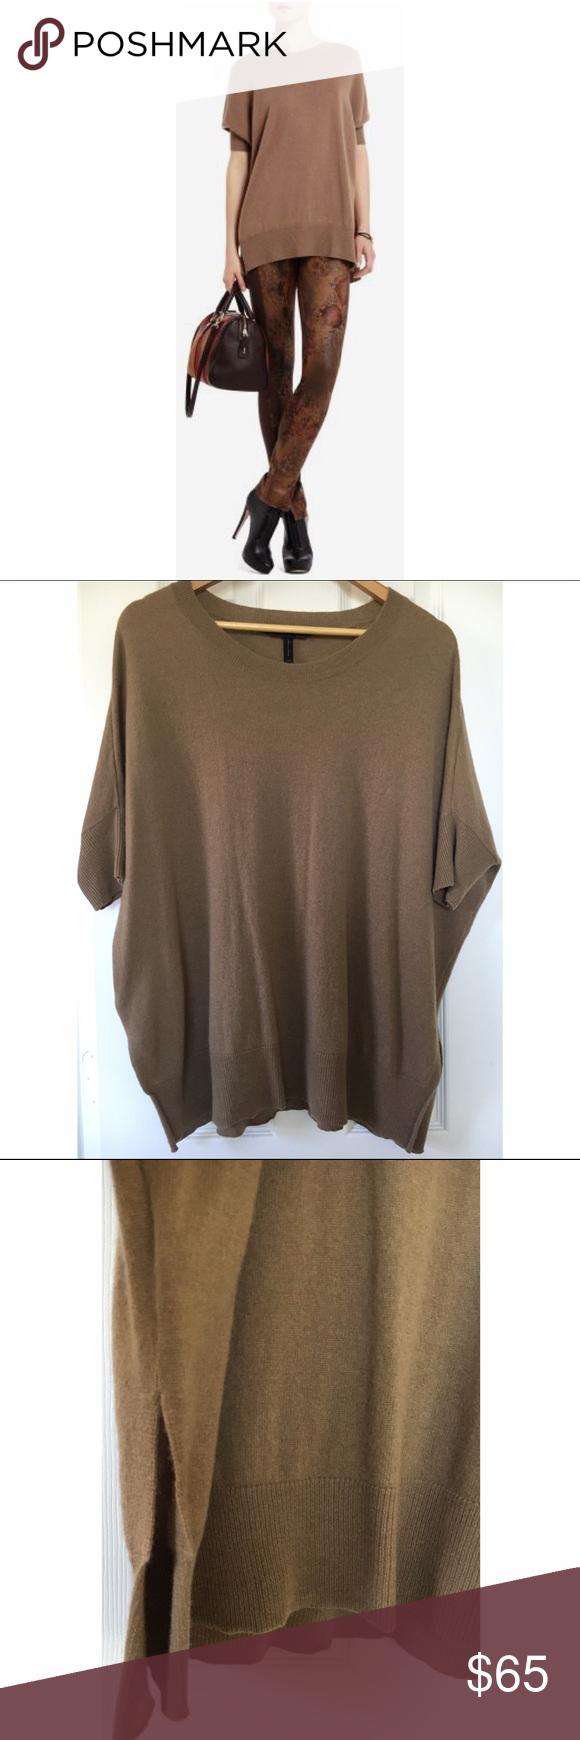 BCBGMAXAZRIA Brinkley 100% cashmere tunic sweater BCBG Max Azria ...